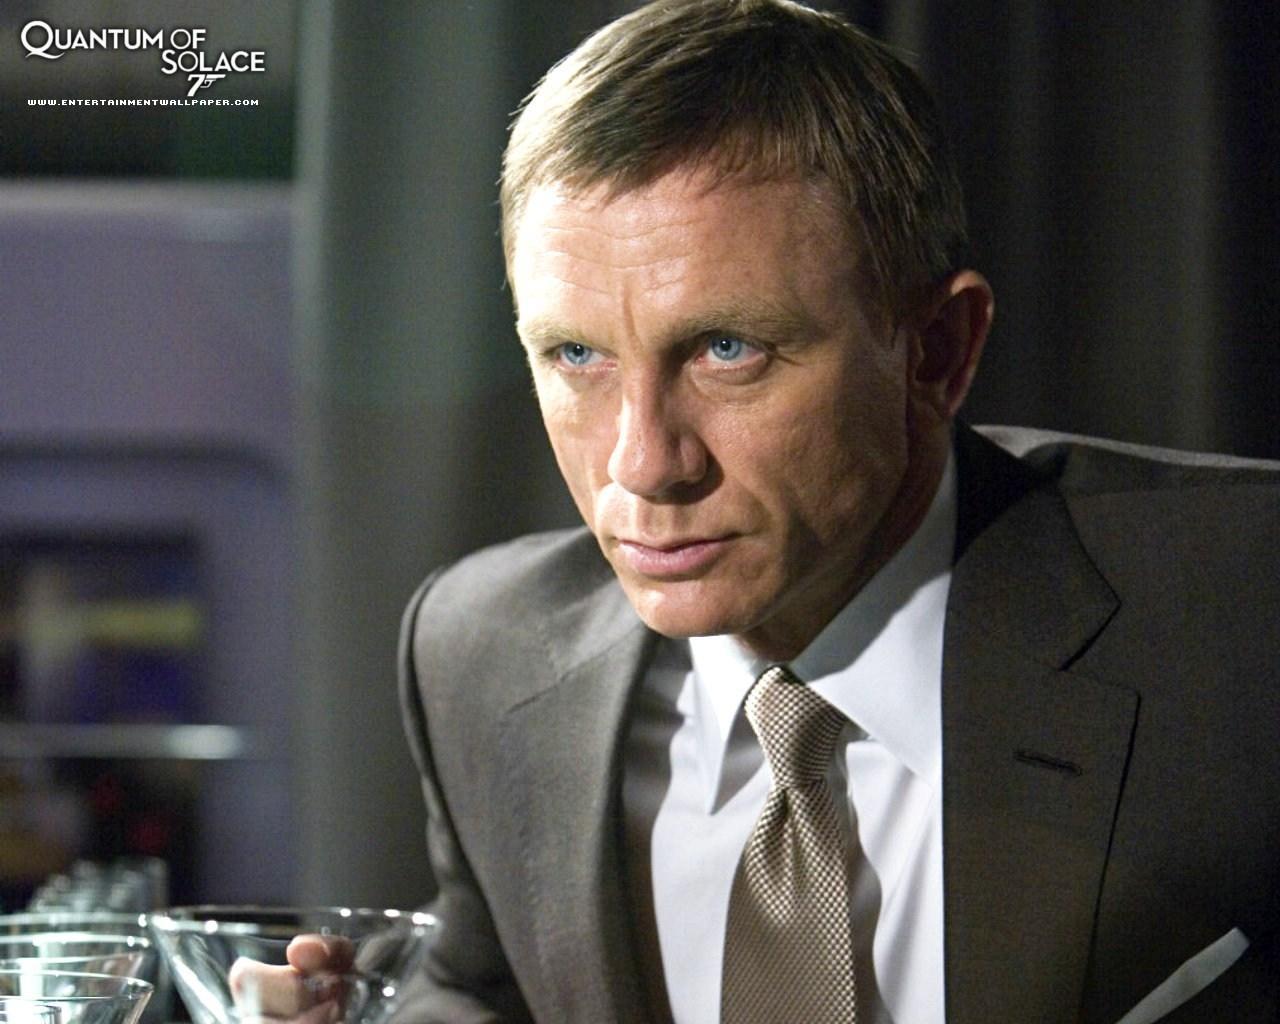 Картинки Квант милосердия Агент 007. Джеймс Бонд Фильмы кино